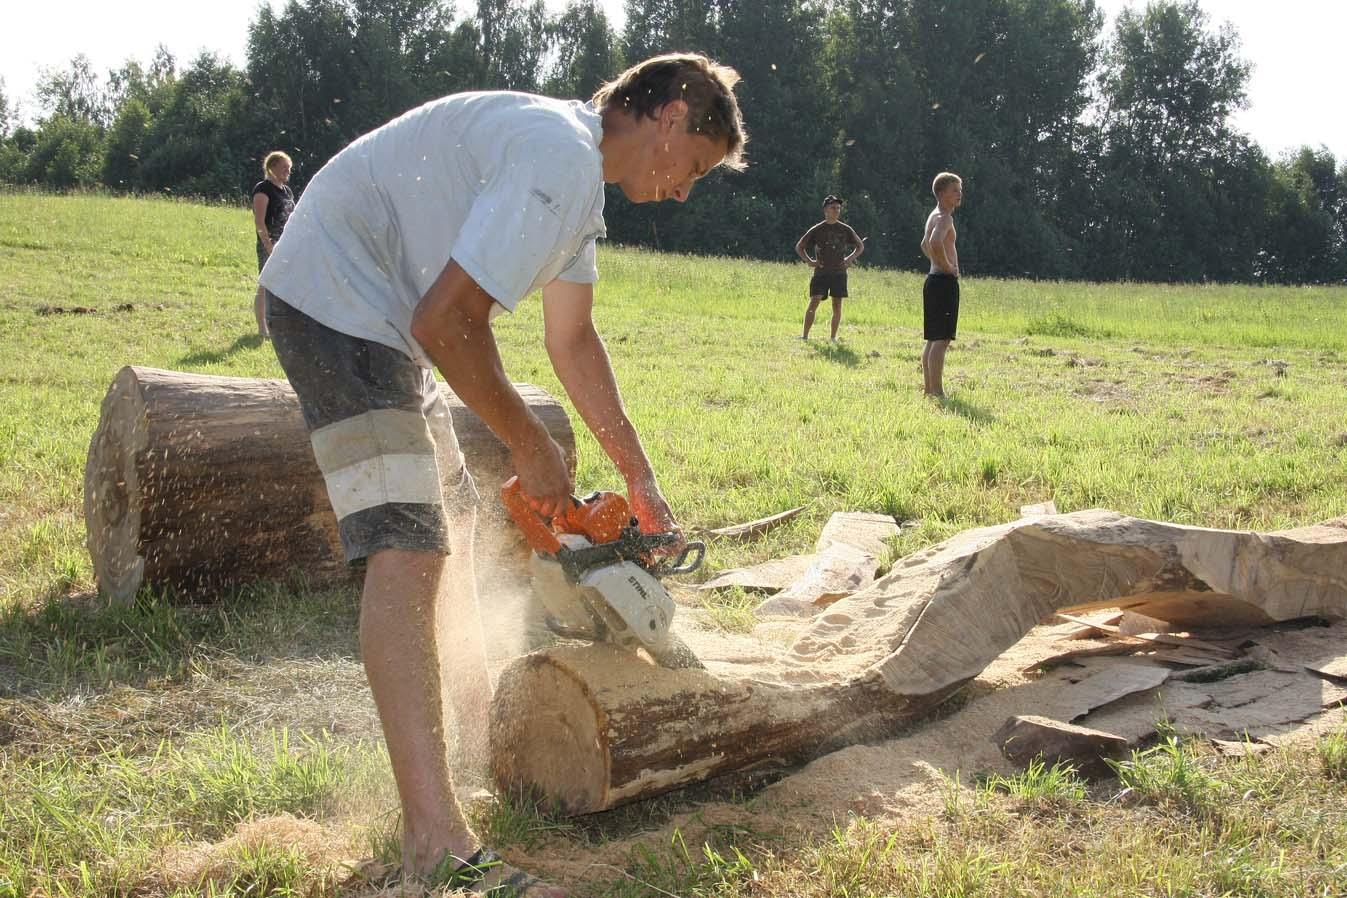 Medžio dirbtuvės, Vyatutas Viržbickas dirba Fotografas Arnas Anskaitis